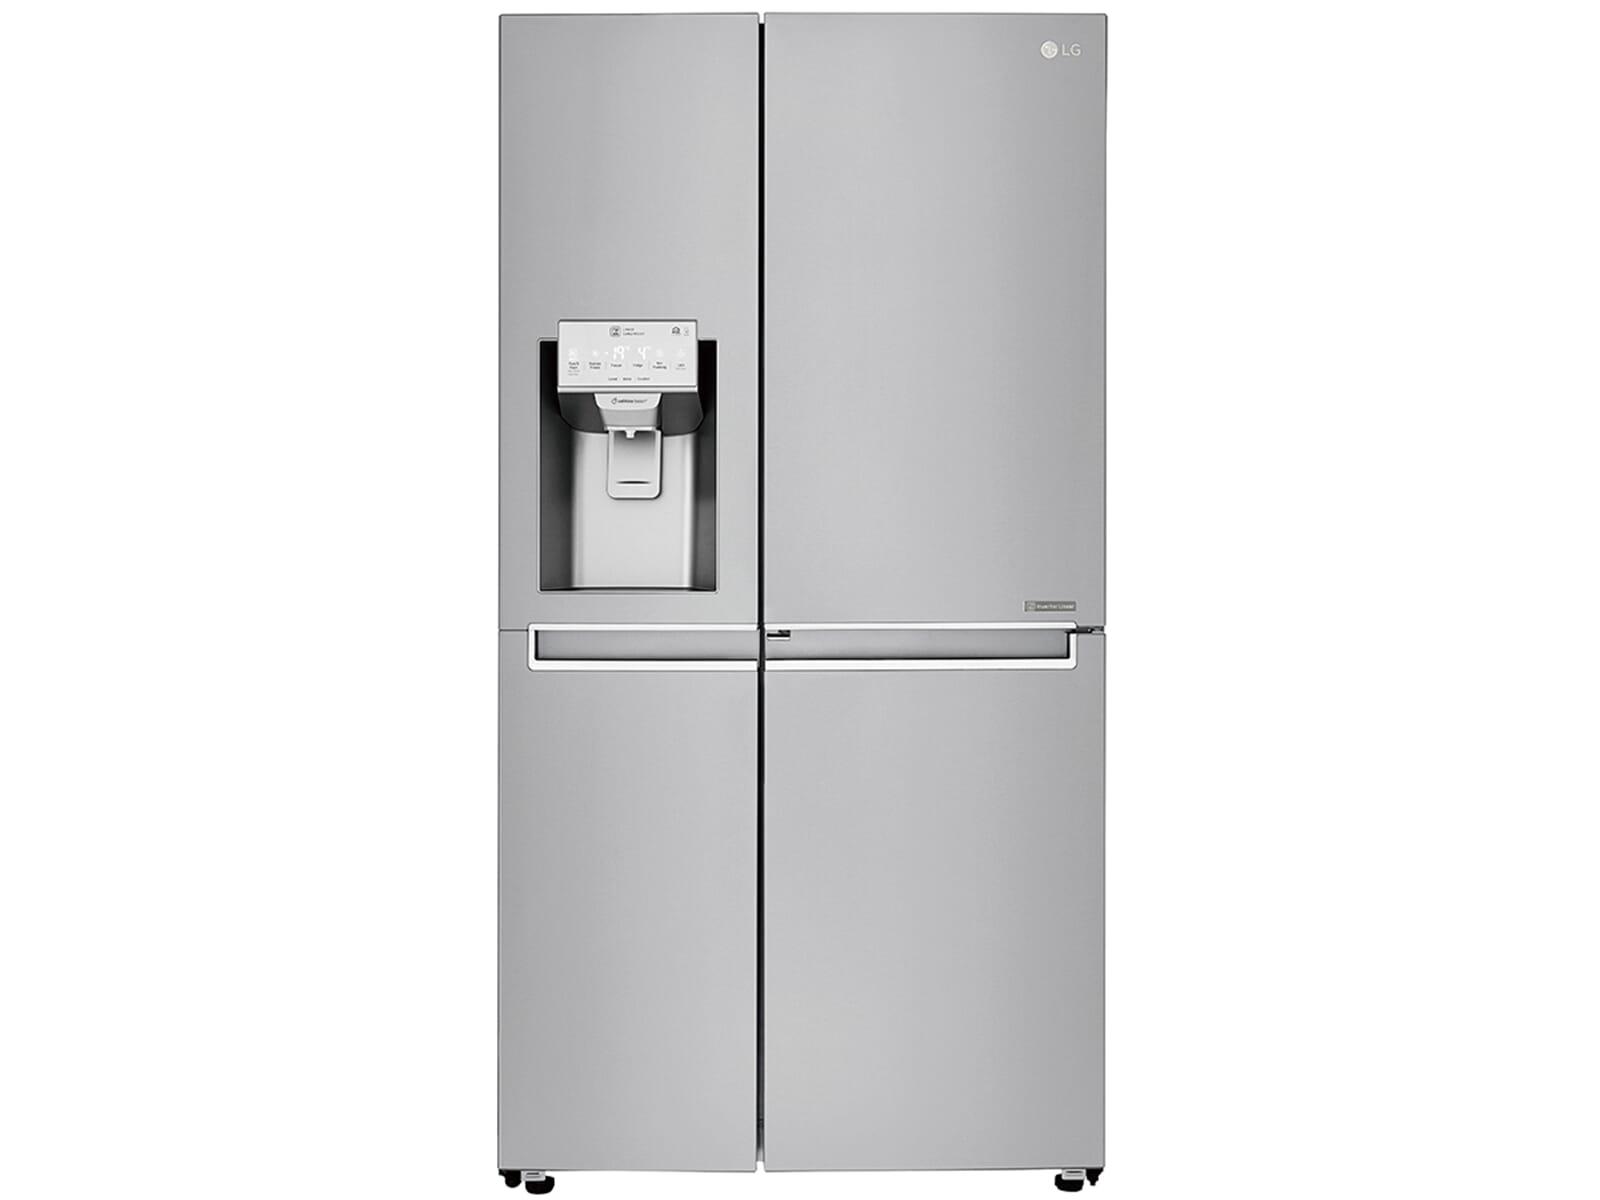 Lg Side By Side Kühlschrank Zieht Kein Wasser : Lg gsl nebf side by side kühl gefrier kombination edelstahl